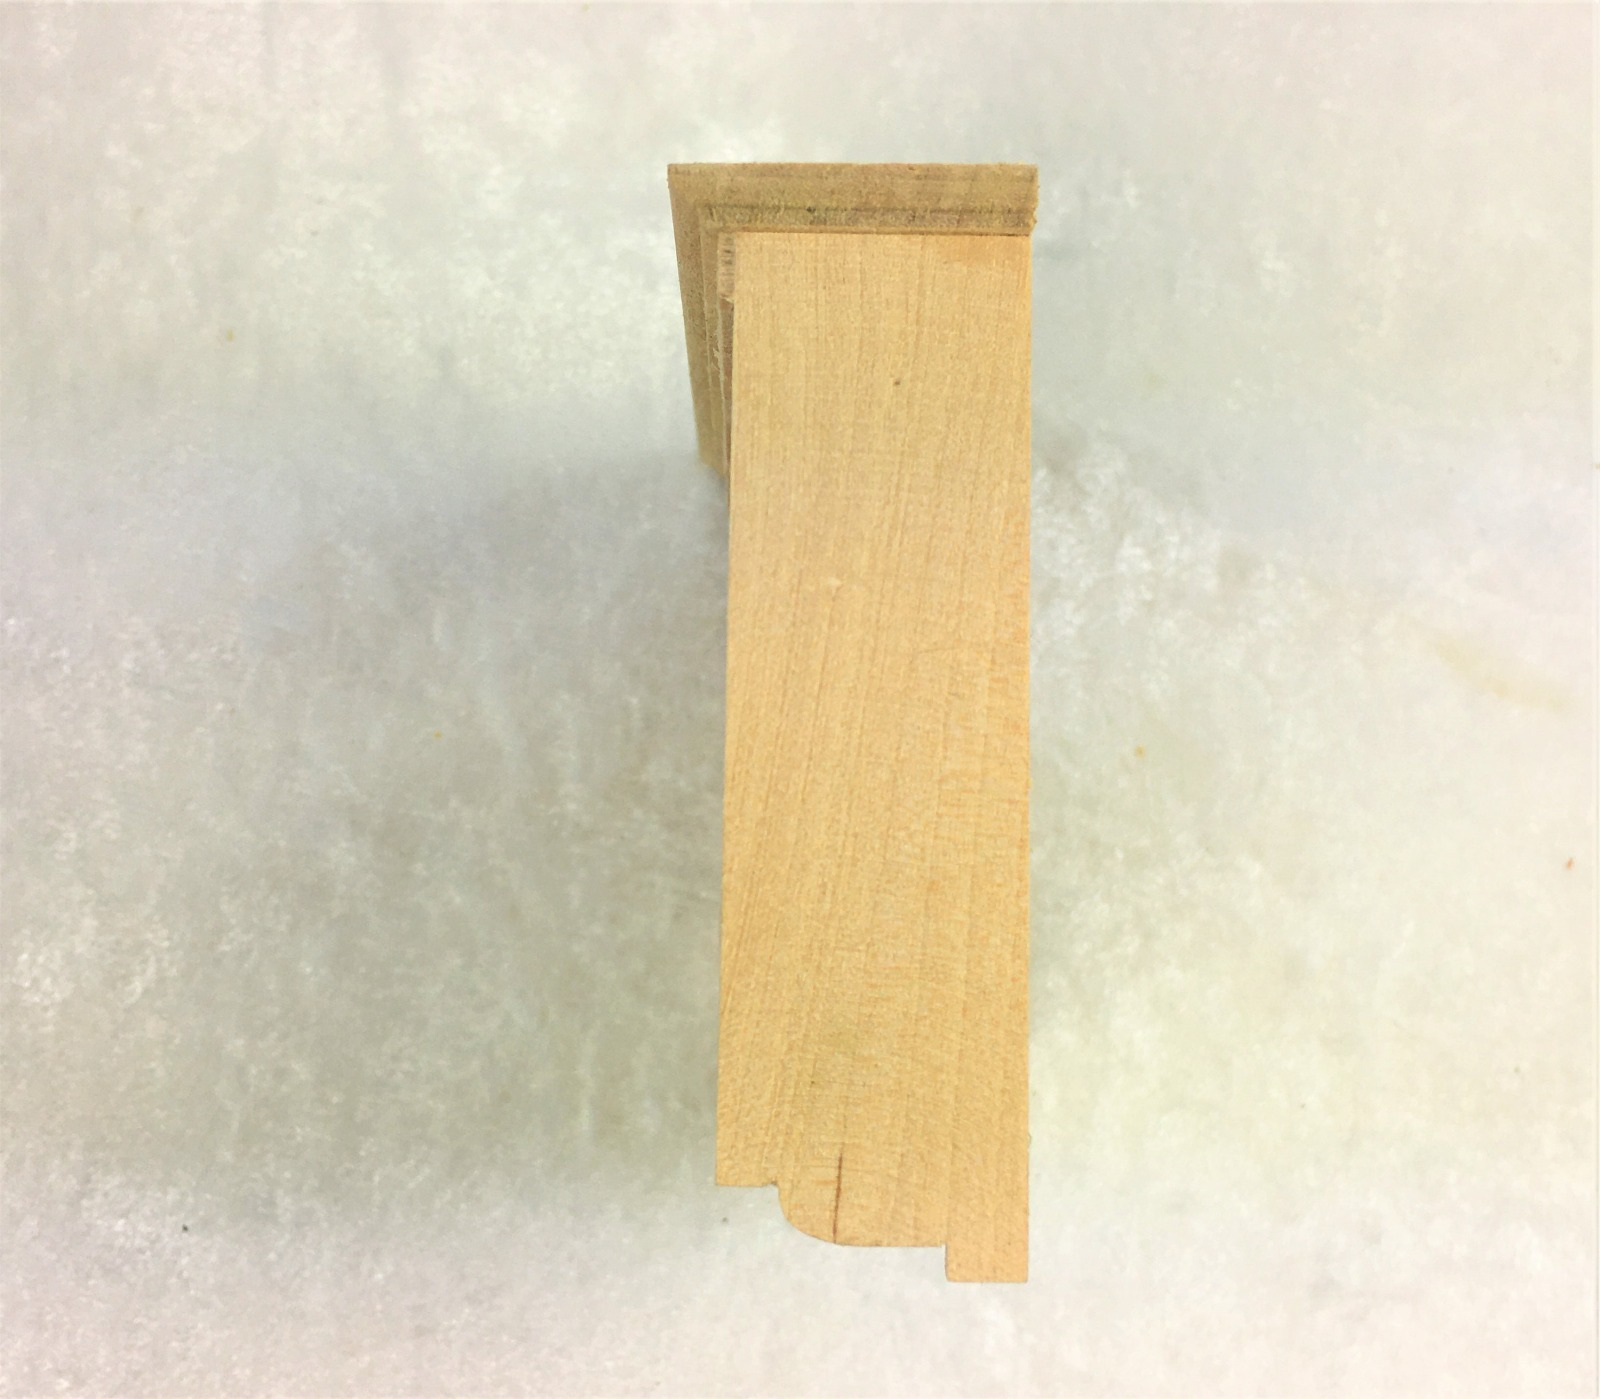 Hängeschrank mit 3 Schubladen 5